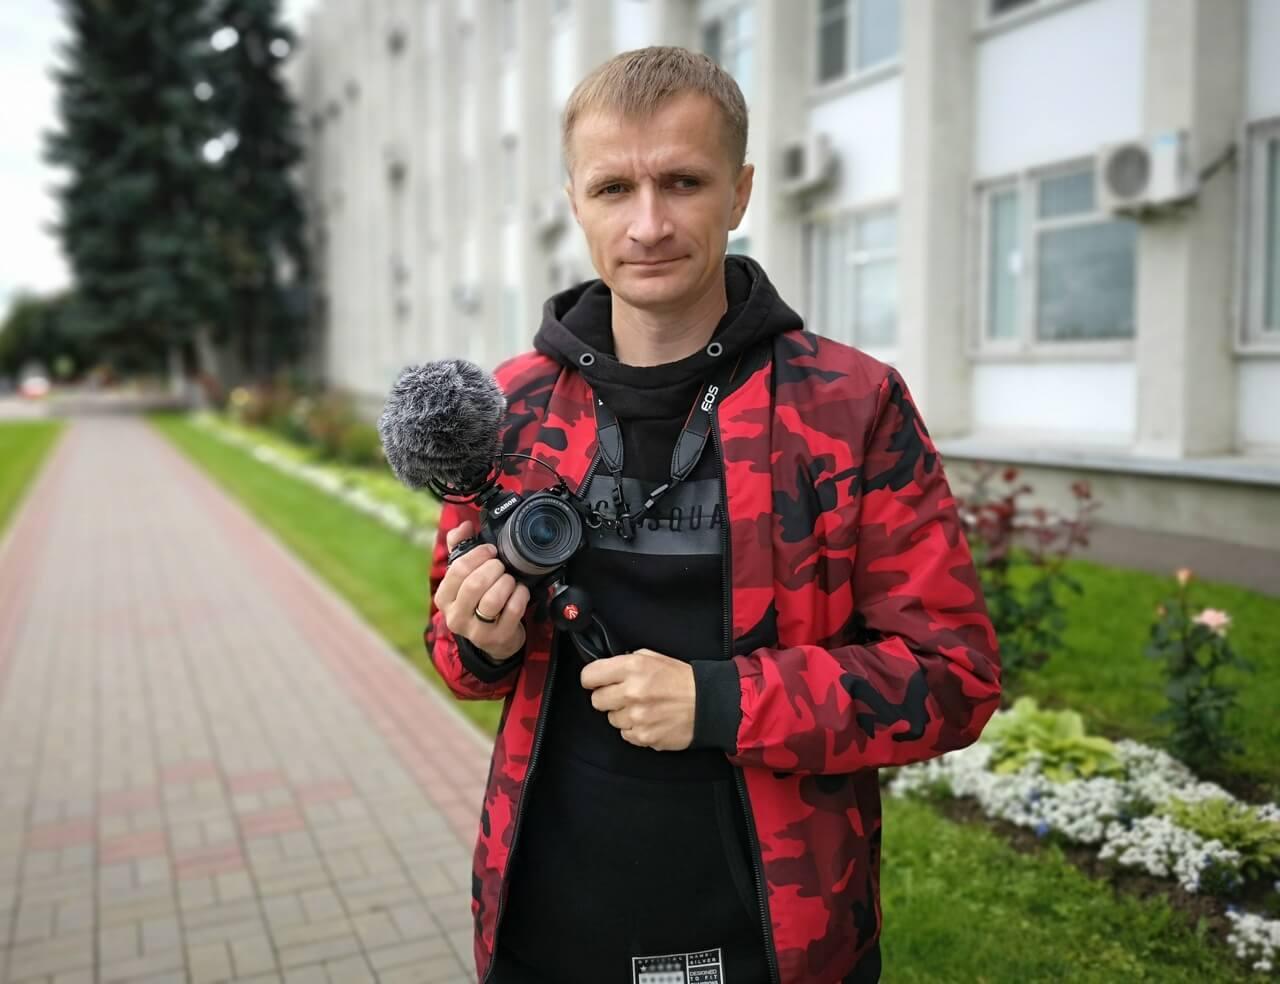 Фото: со страницы Андрея Трофимова во «ВКонтакте»